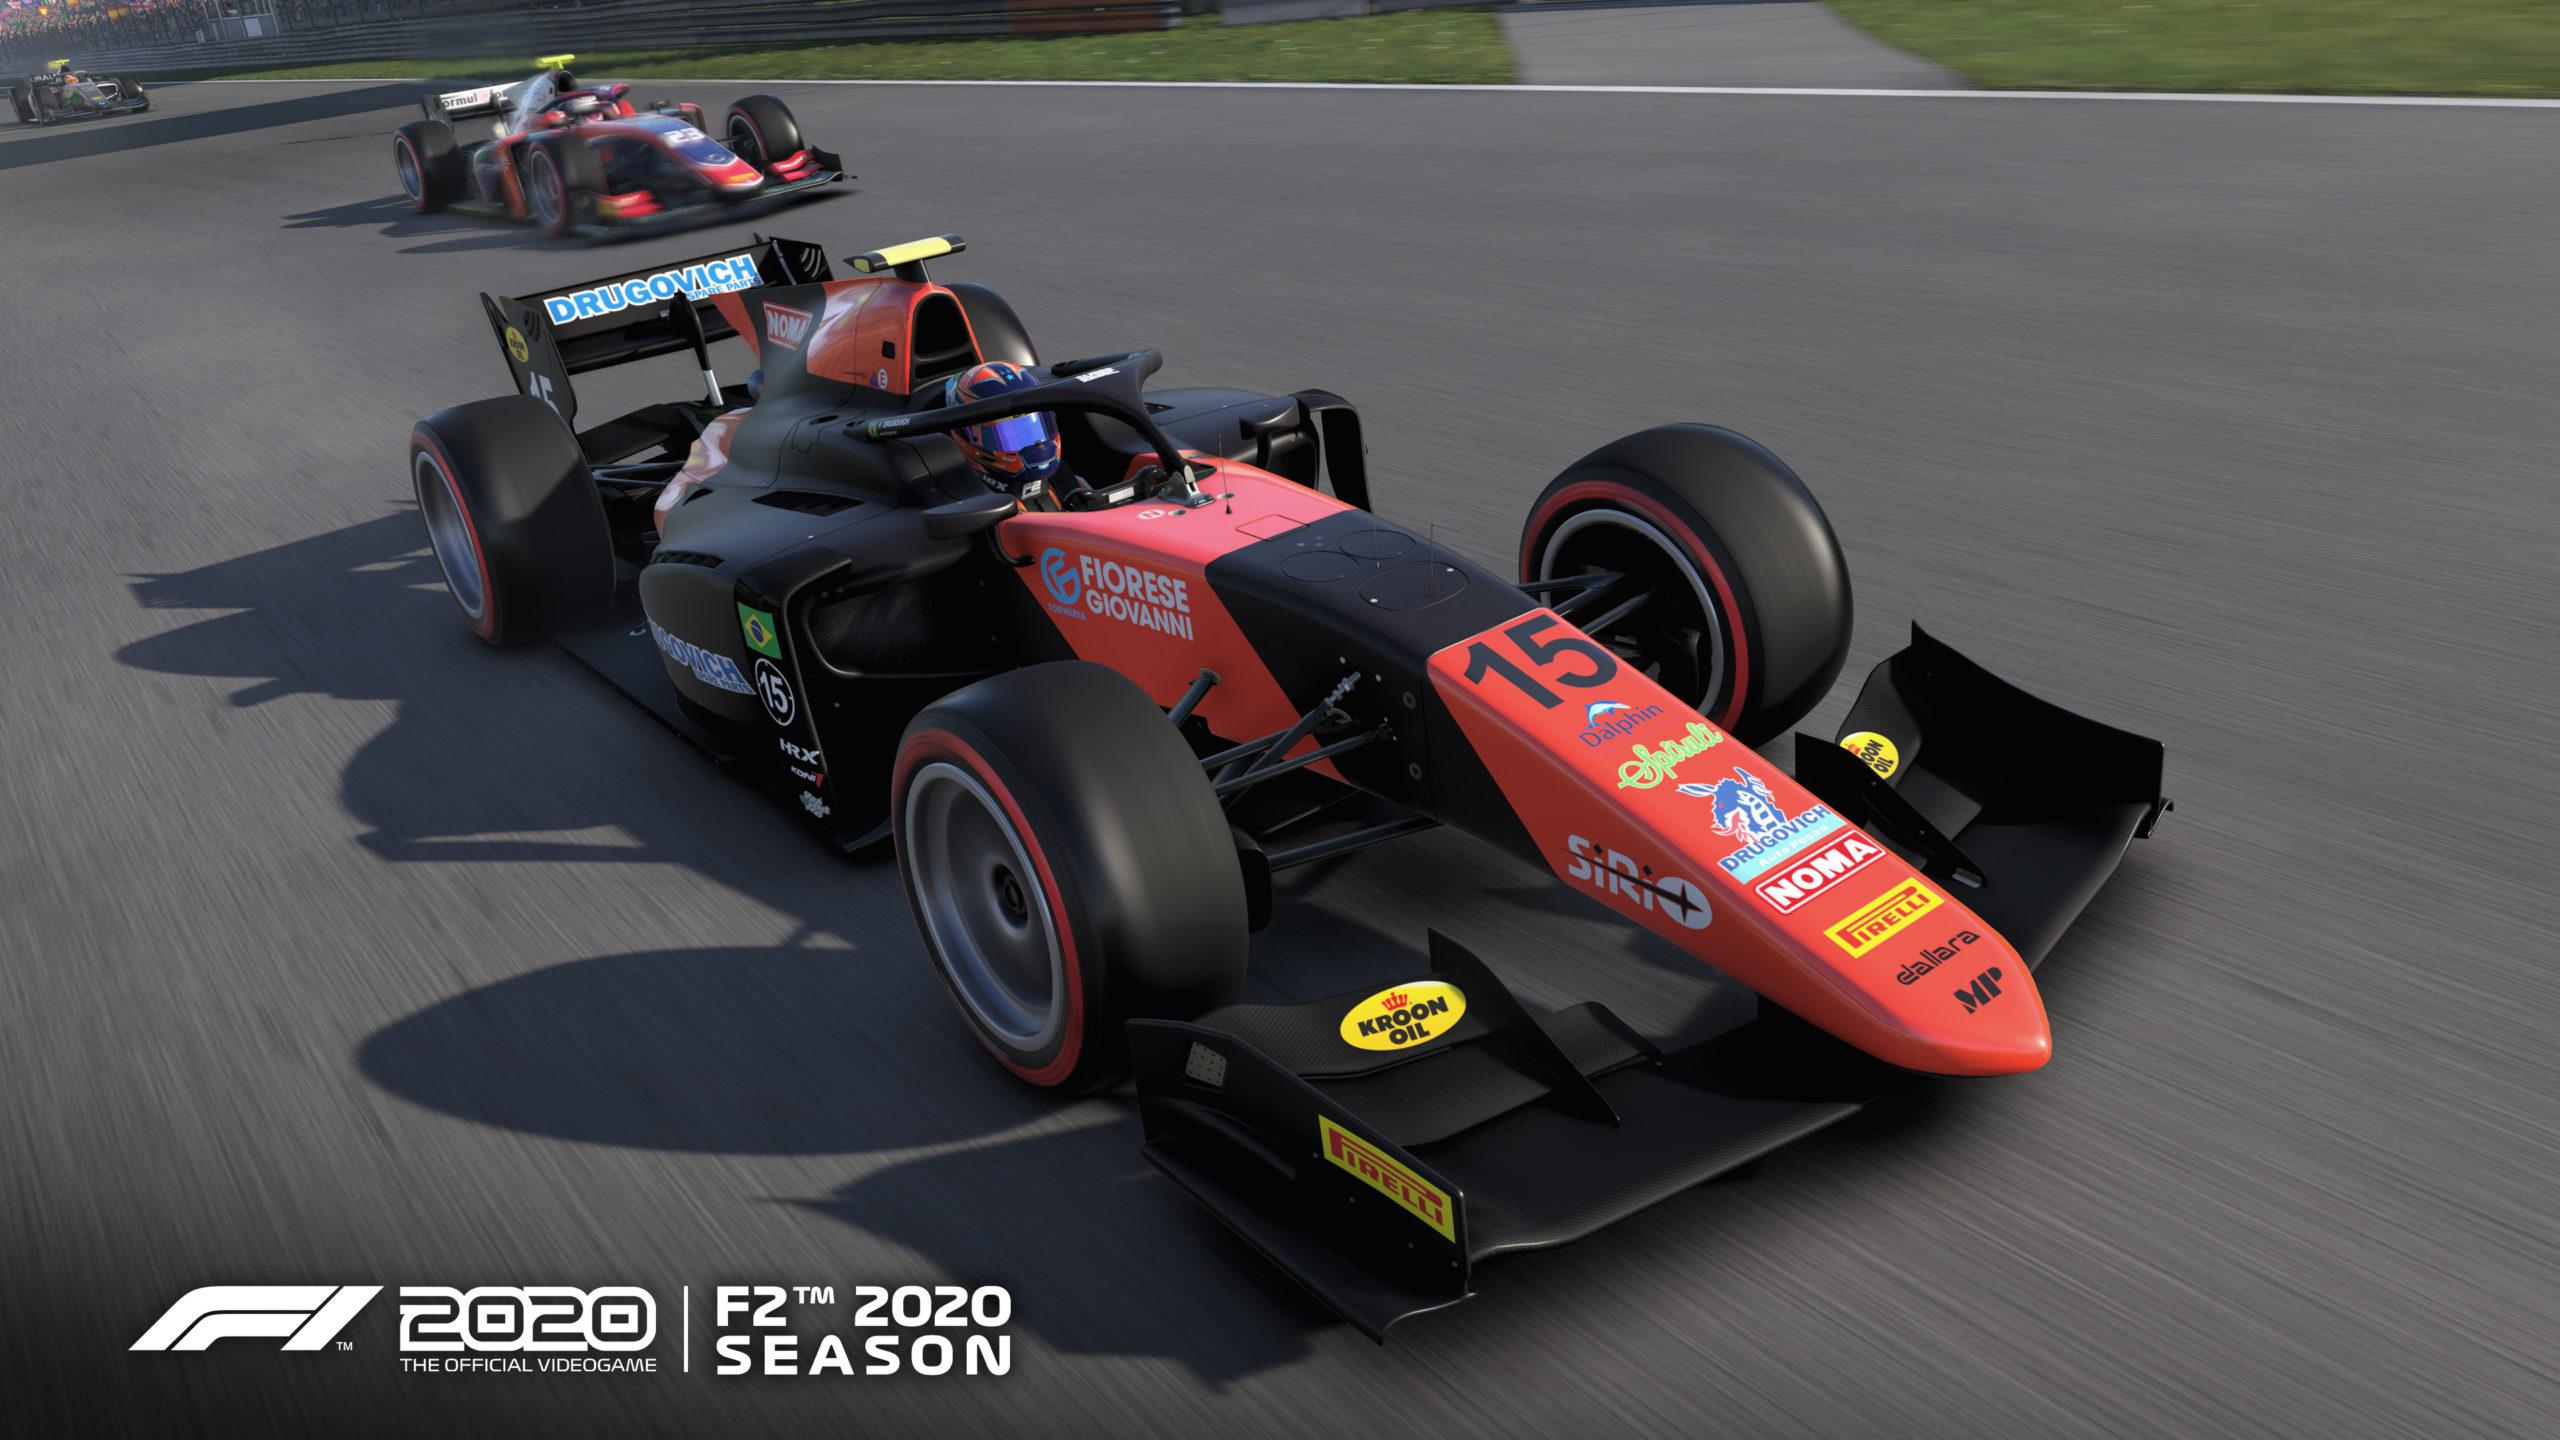 Screenshot von Spiel F1202 zeigt zwei Rennboliden der neu hinzugefügten F2-Season